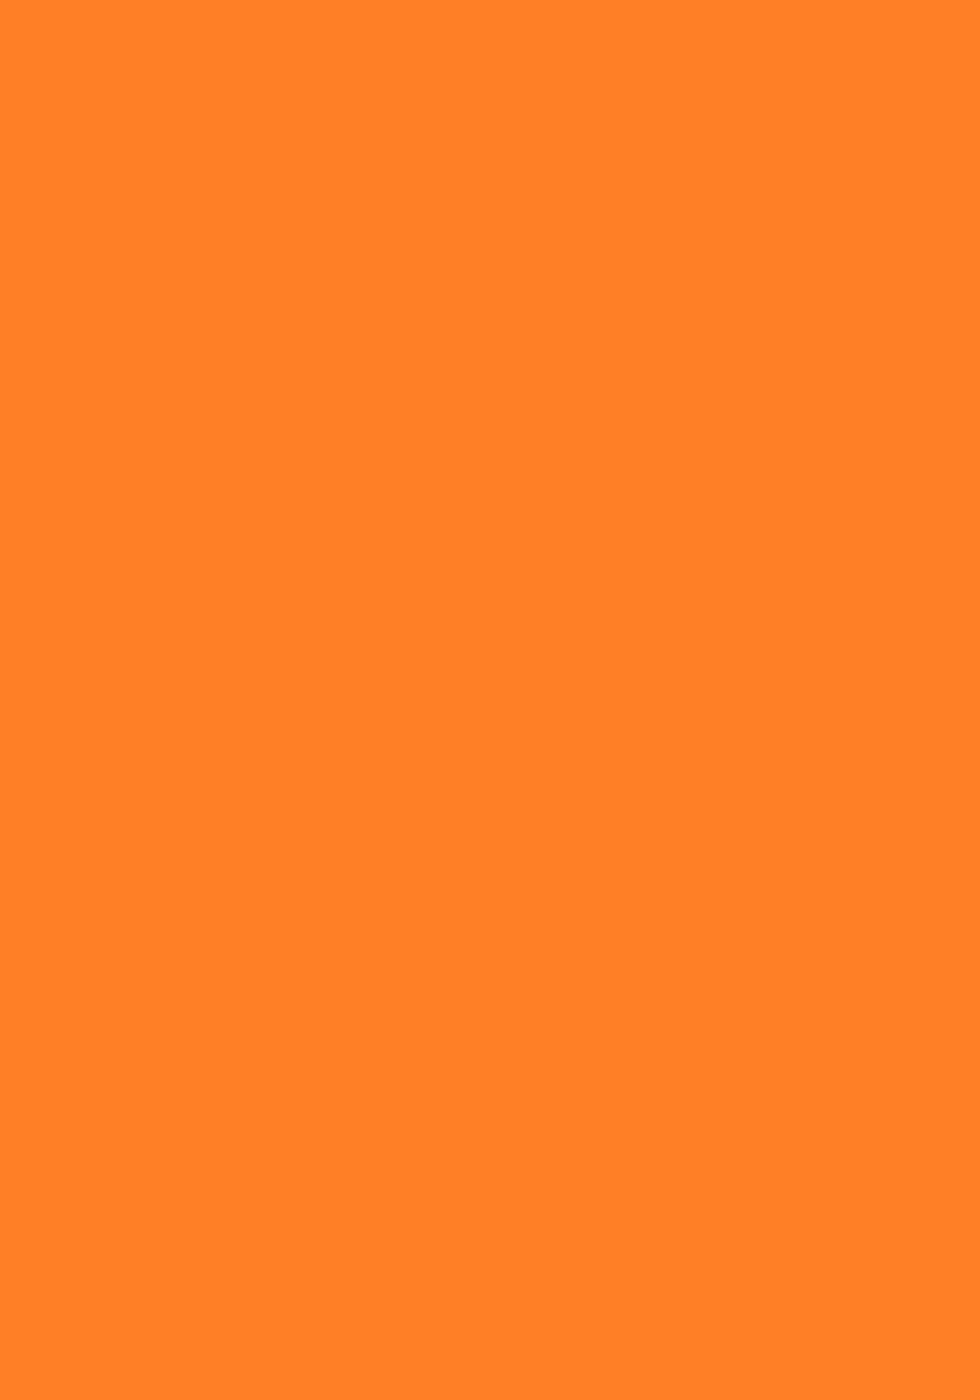 PUL orange 703